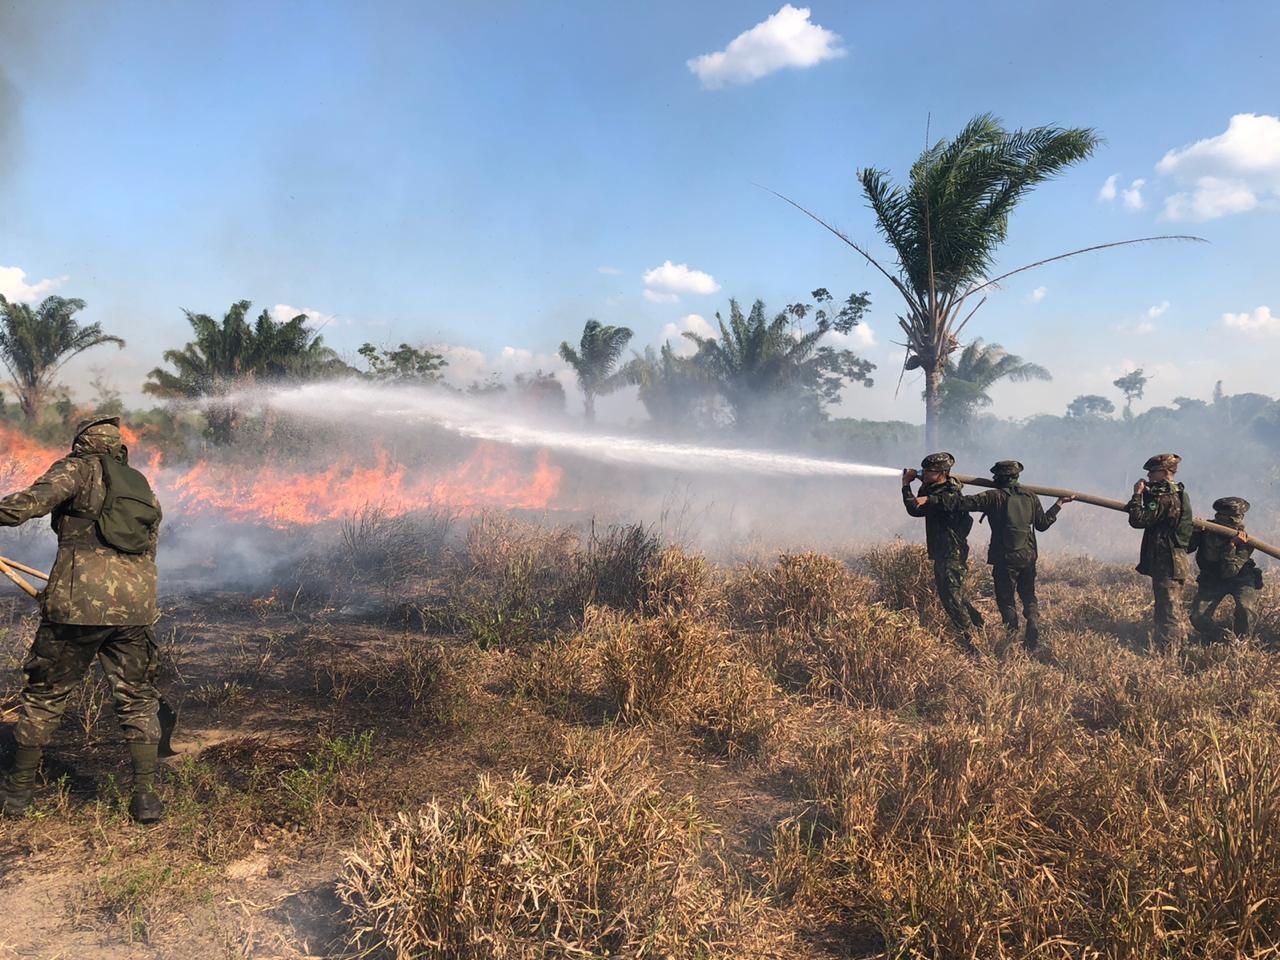 Militares combatem incêndio em área de mata no sudeste do Pará